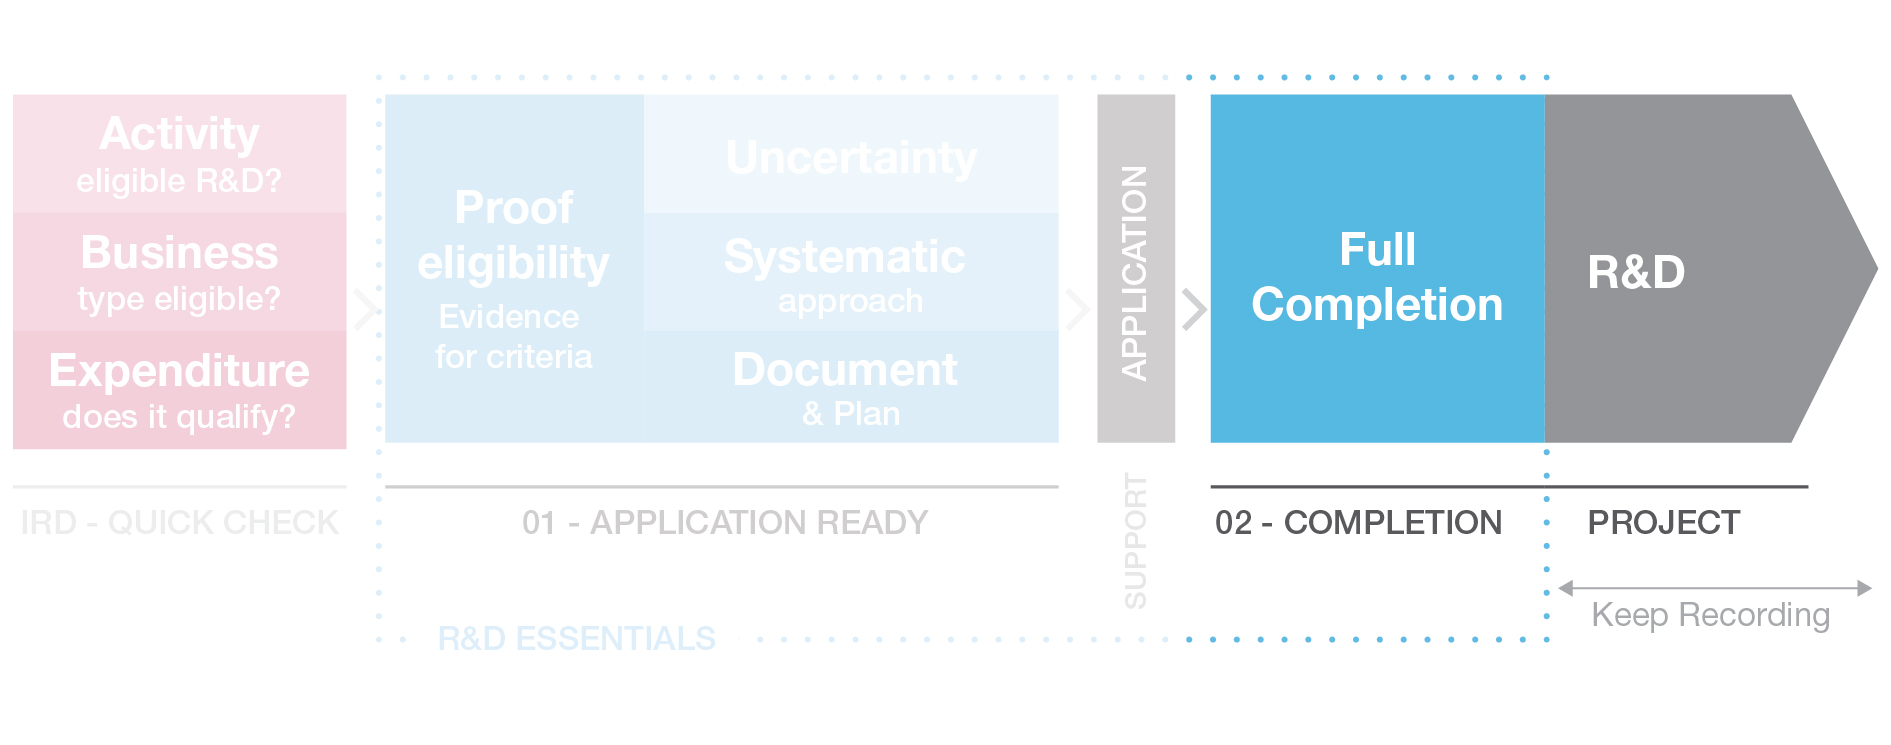 R&D Essentials Process